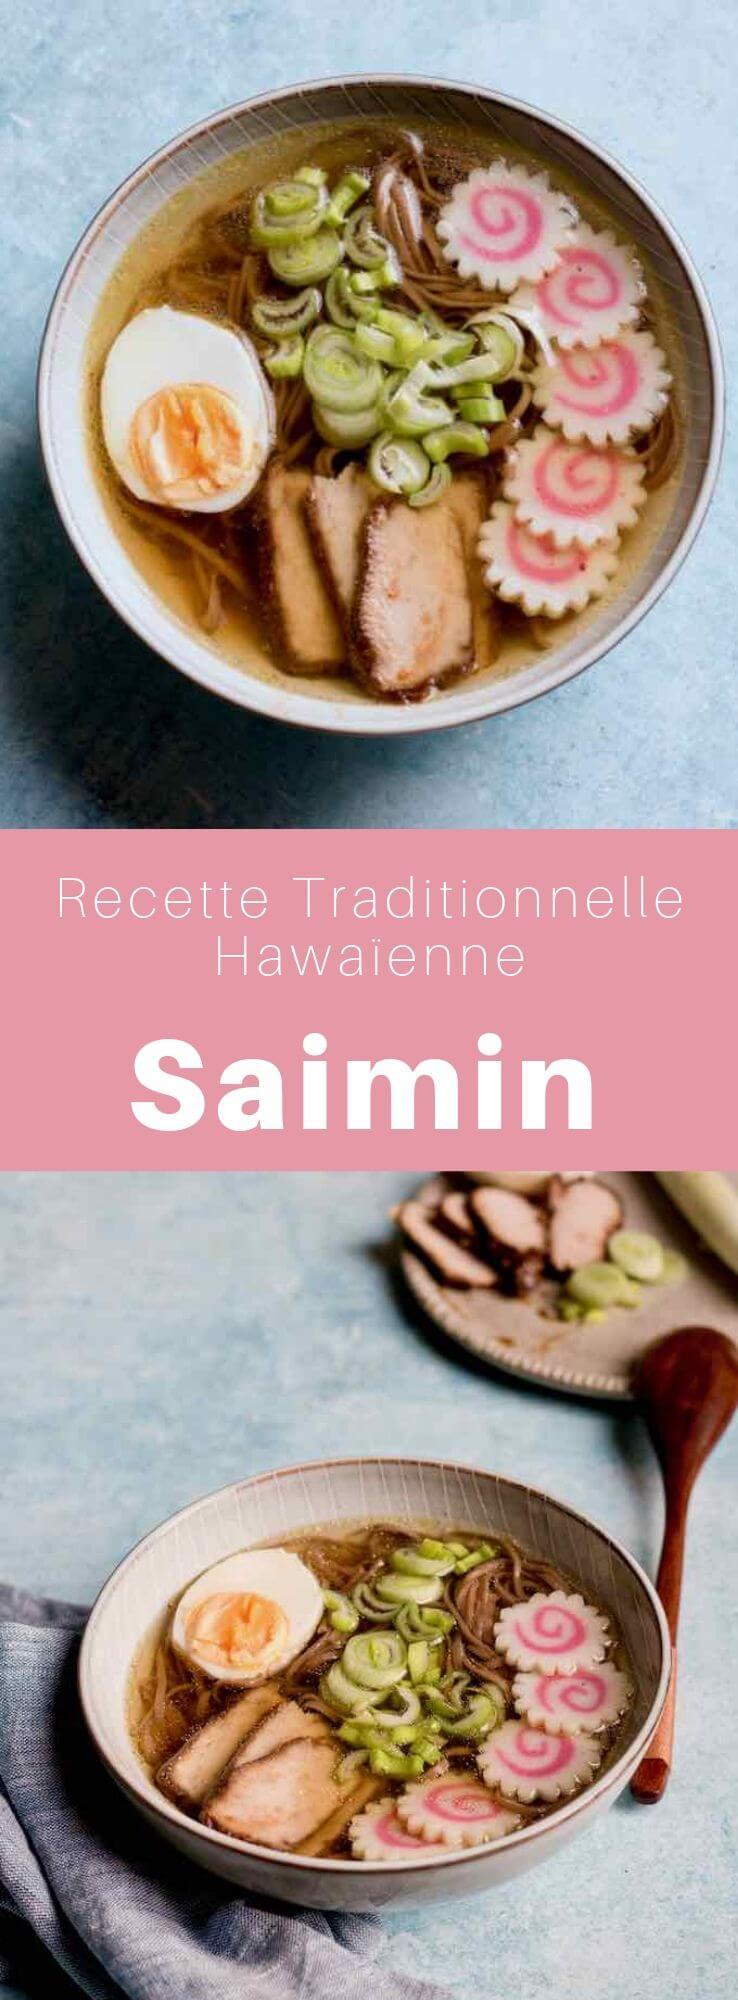 Le saimin est une soupe populaire à Hawaï, composée de nouilles soba cuites dans un dashi garni, entre autres, de kamaboko, d'oignons, de porc ou de Spam en tranches. #Hawai #RecetteHawaienne #CuisineHawaienne #CuisineDuMonde #196flavors